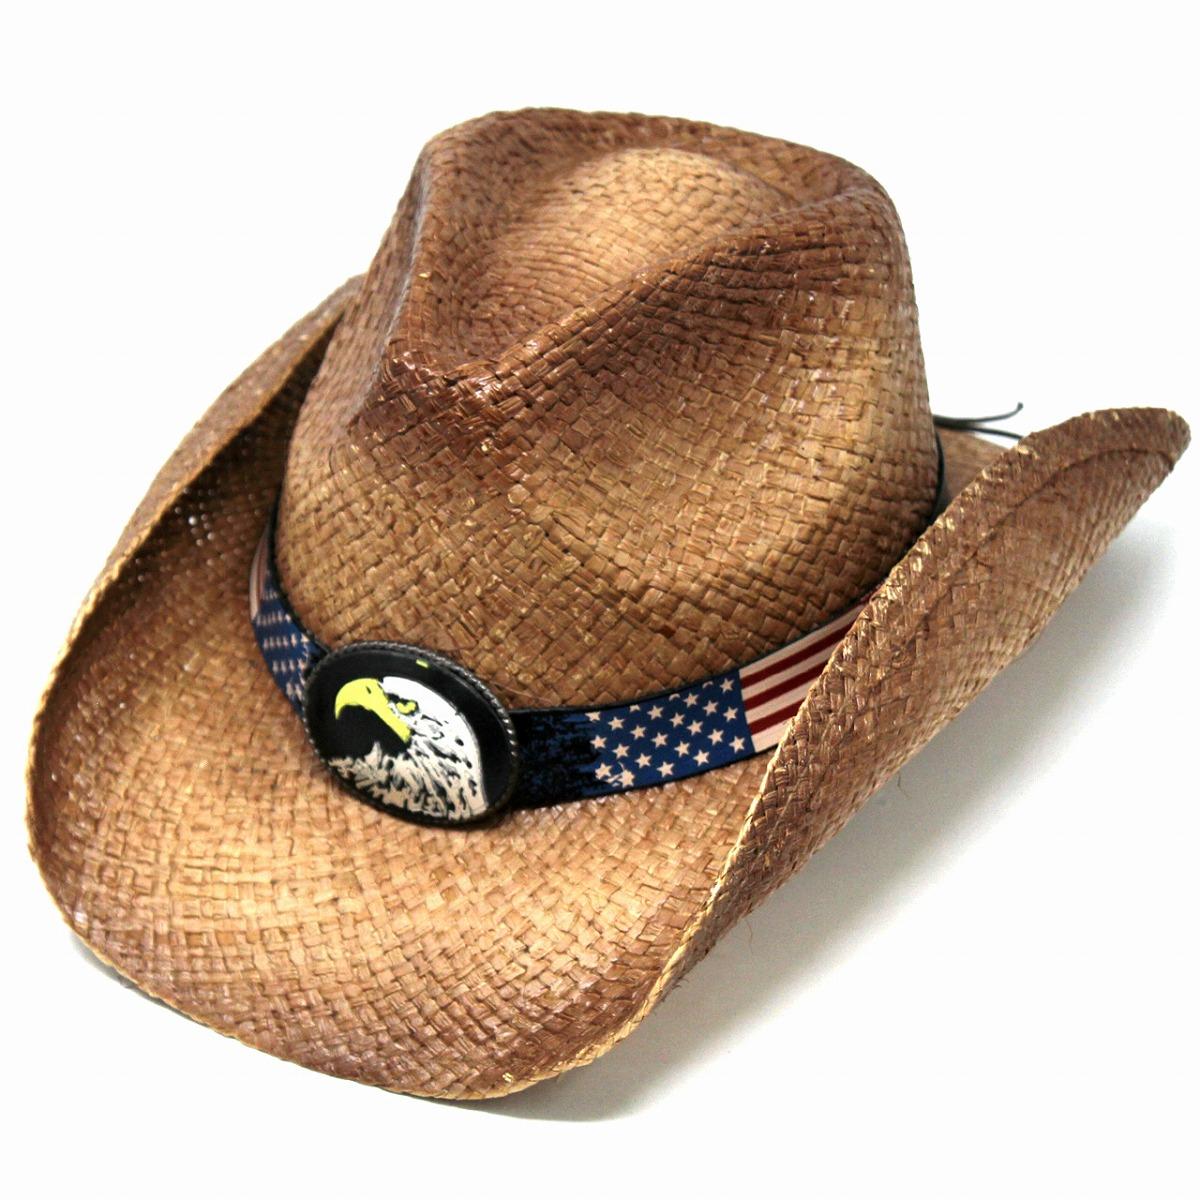 ... Straw hat cowboy Peter Grimm hat raffia men hat Star-Spangled Banner  eagle hawk eagle ... 29bbd03583d7